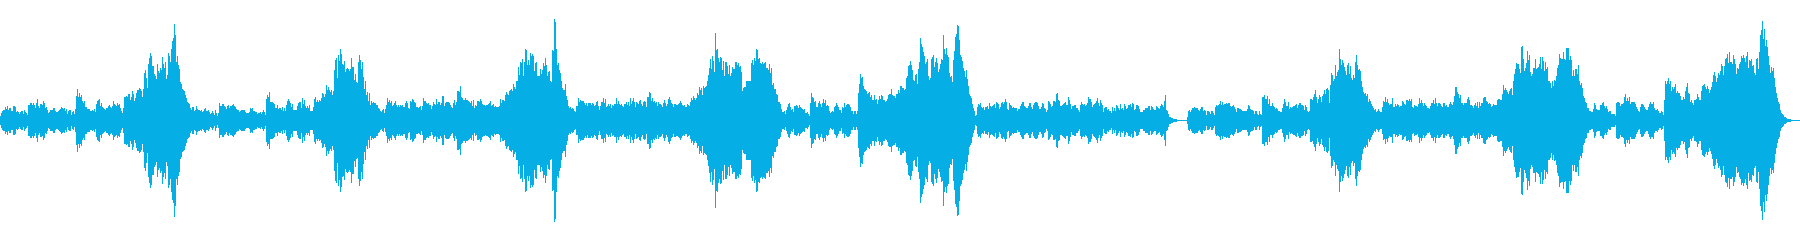 「シシリア風」弦楽四重奏の再生済みの波形